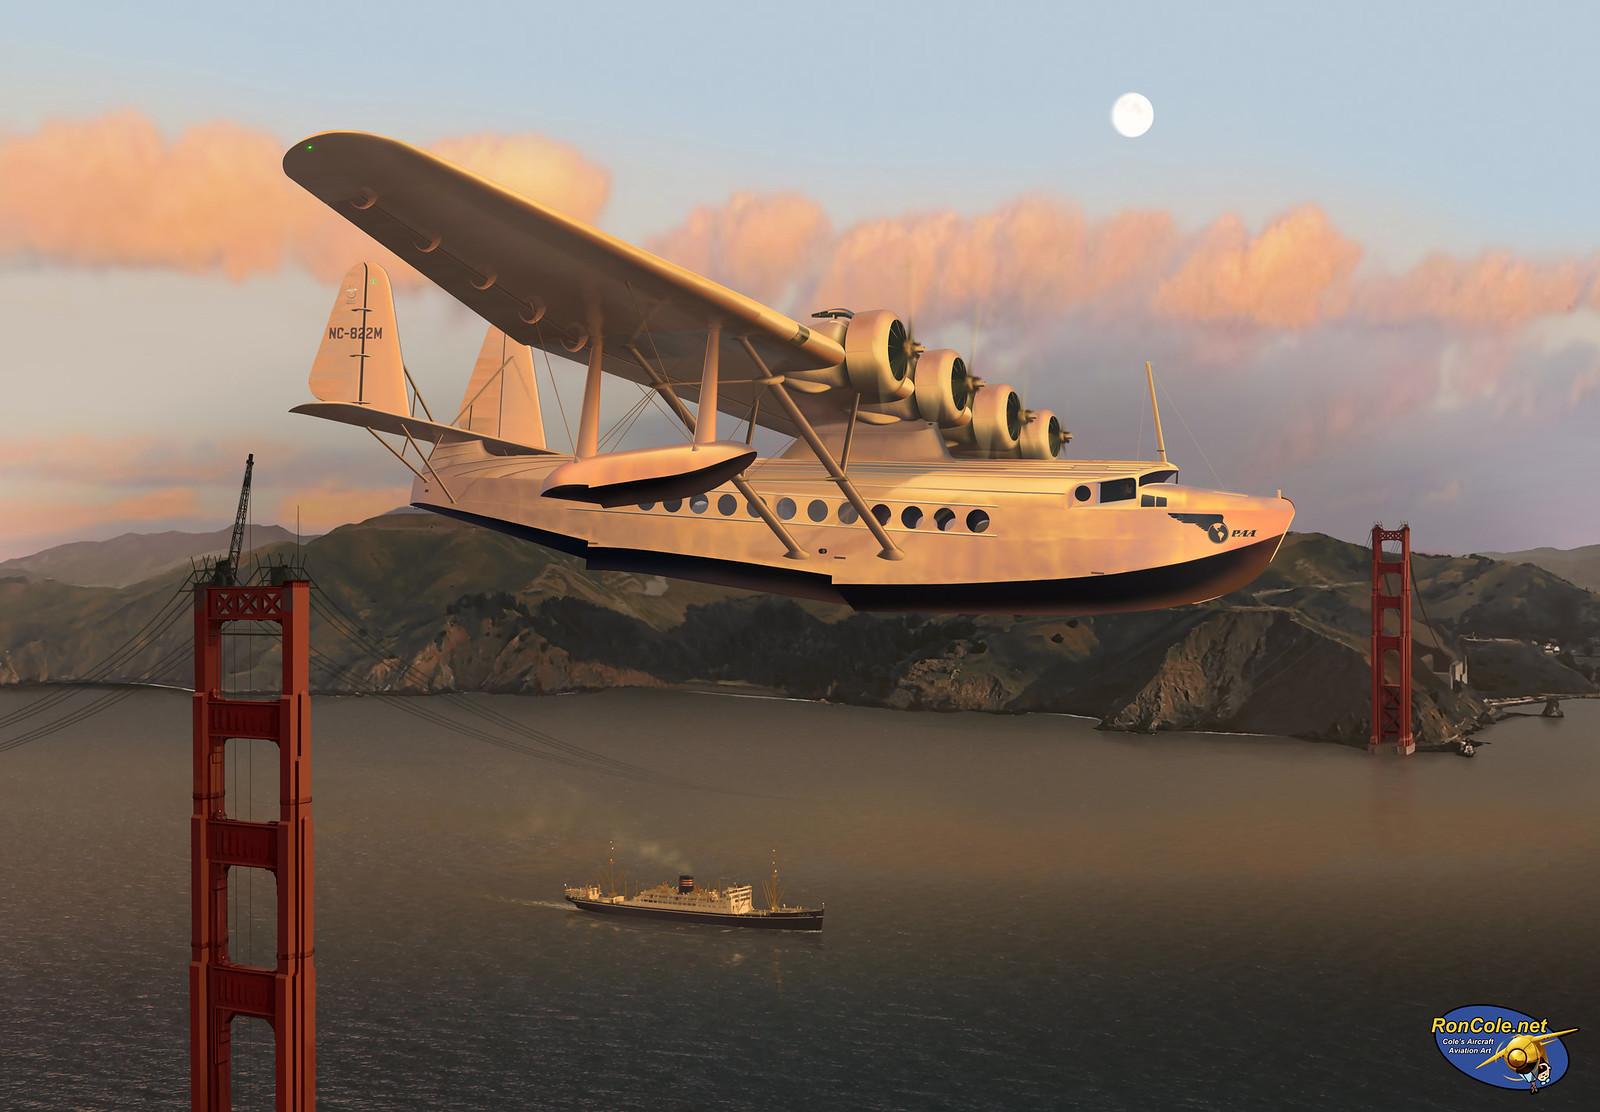 рисунок Pan Am Sikorsky S-42 over the Golden Gate Bridge